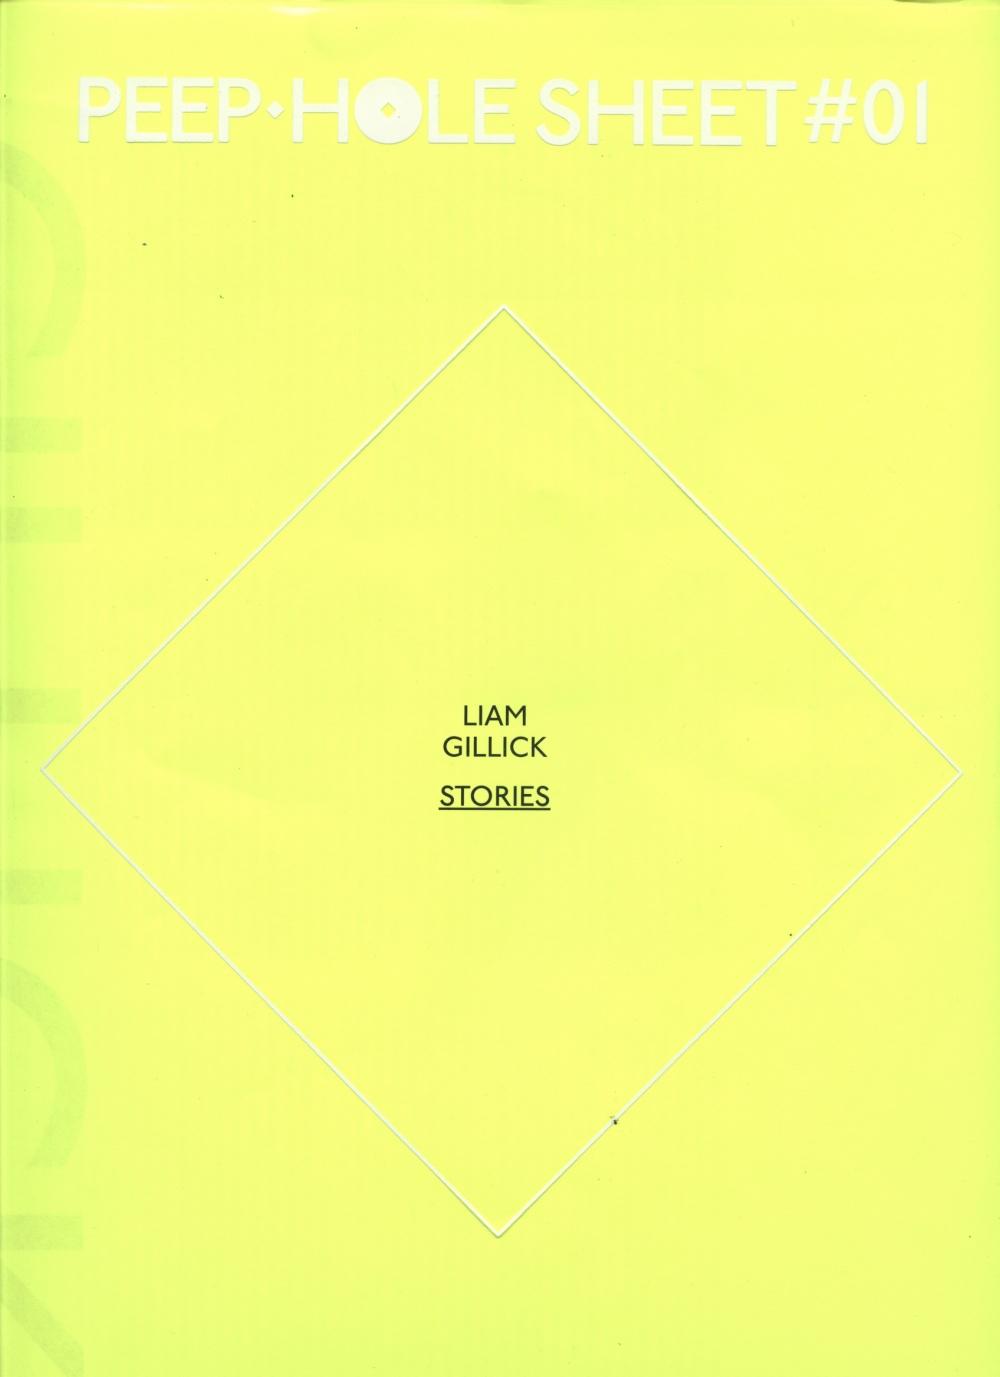 Peep-Hole Sheet #01: Liam Gillick